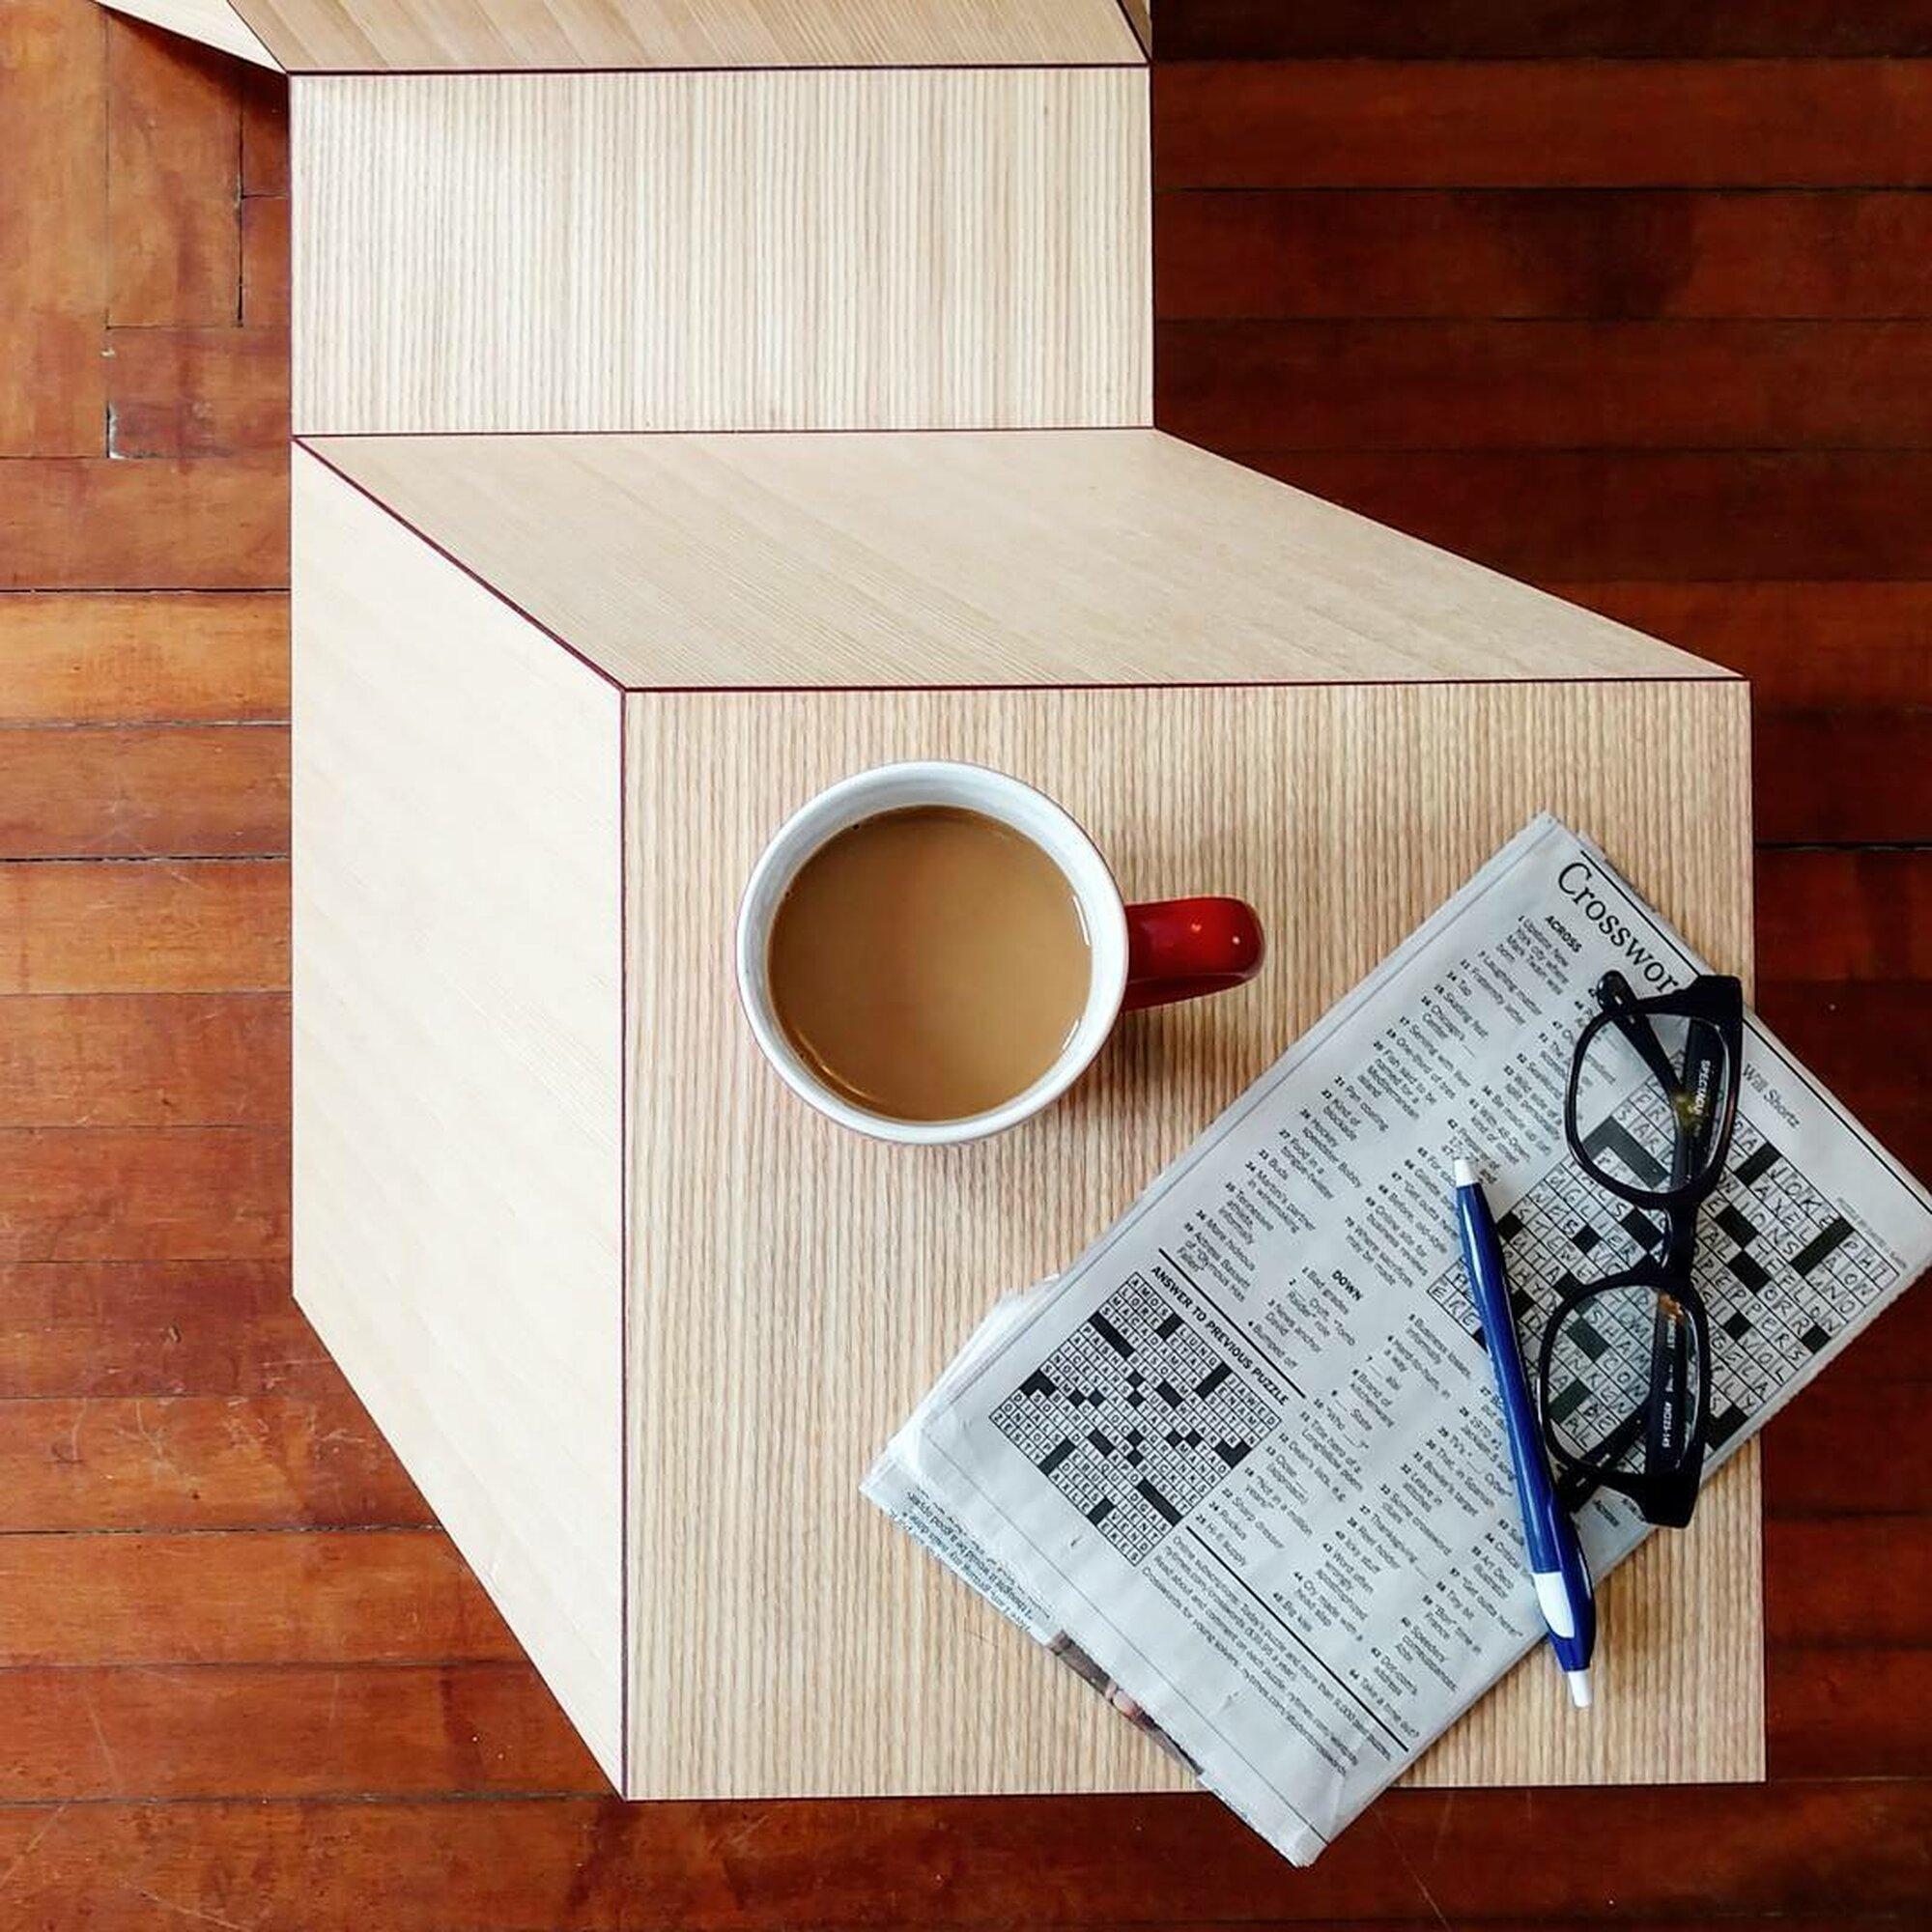 Feint Coffee Table